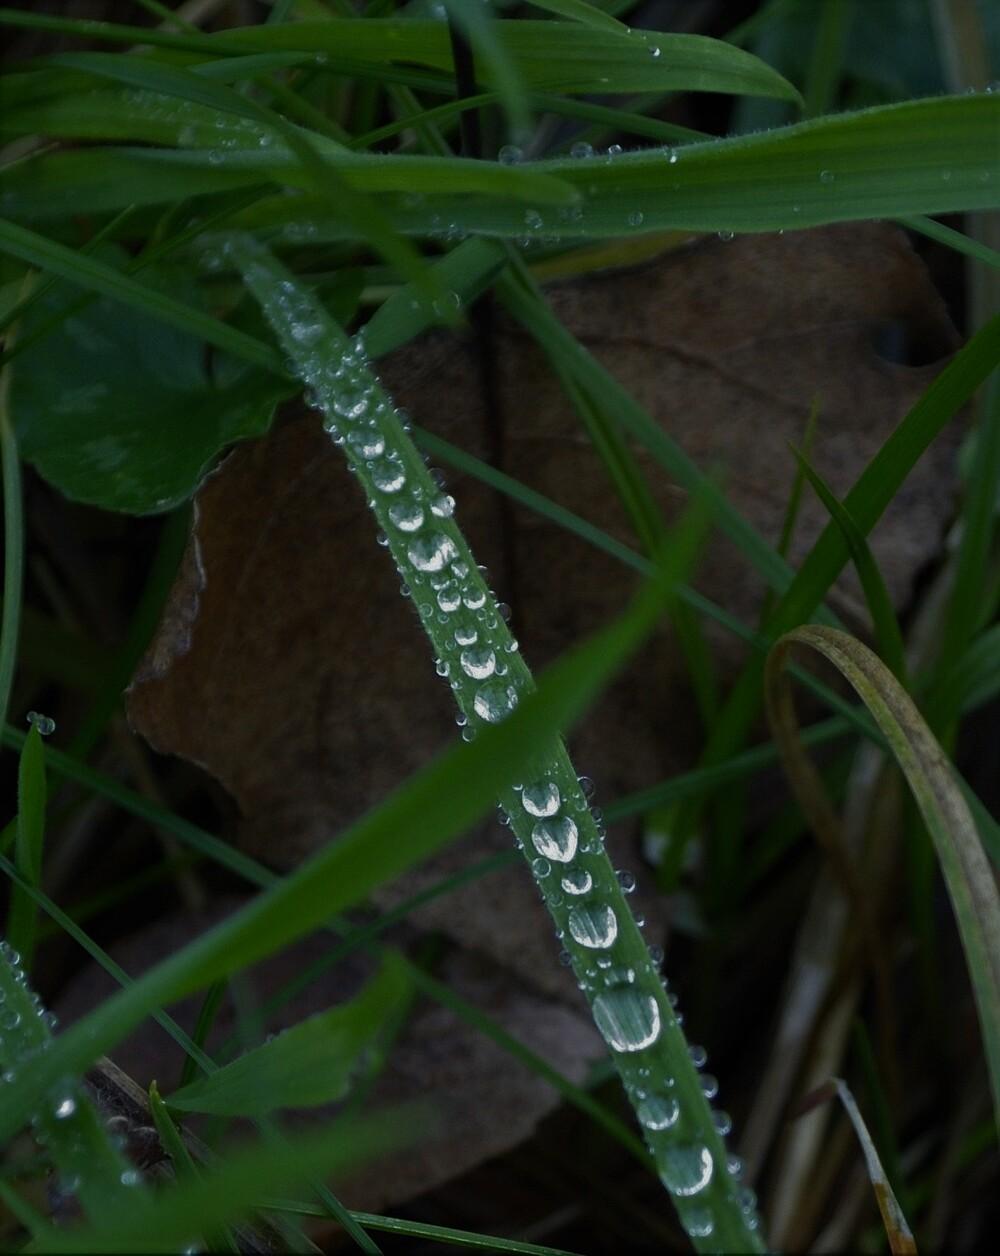 Quelques perles de pluie